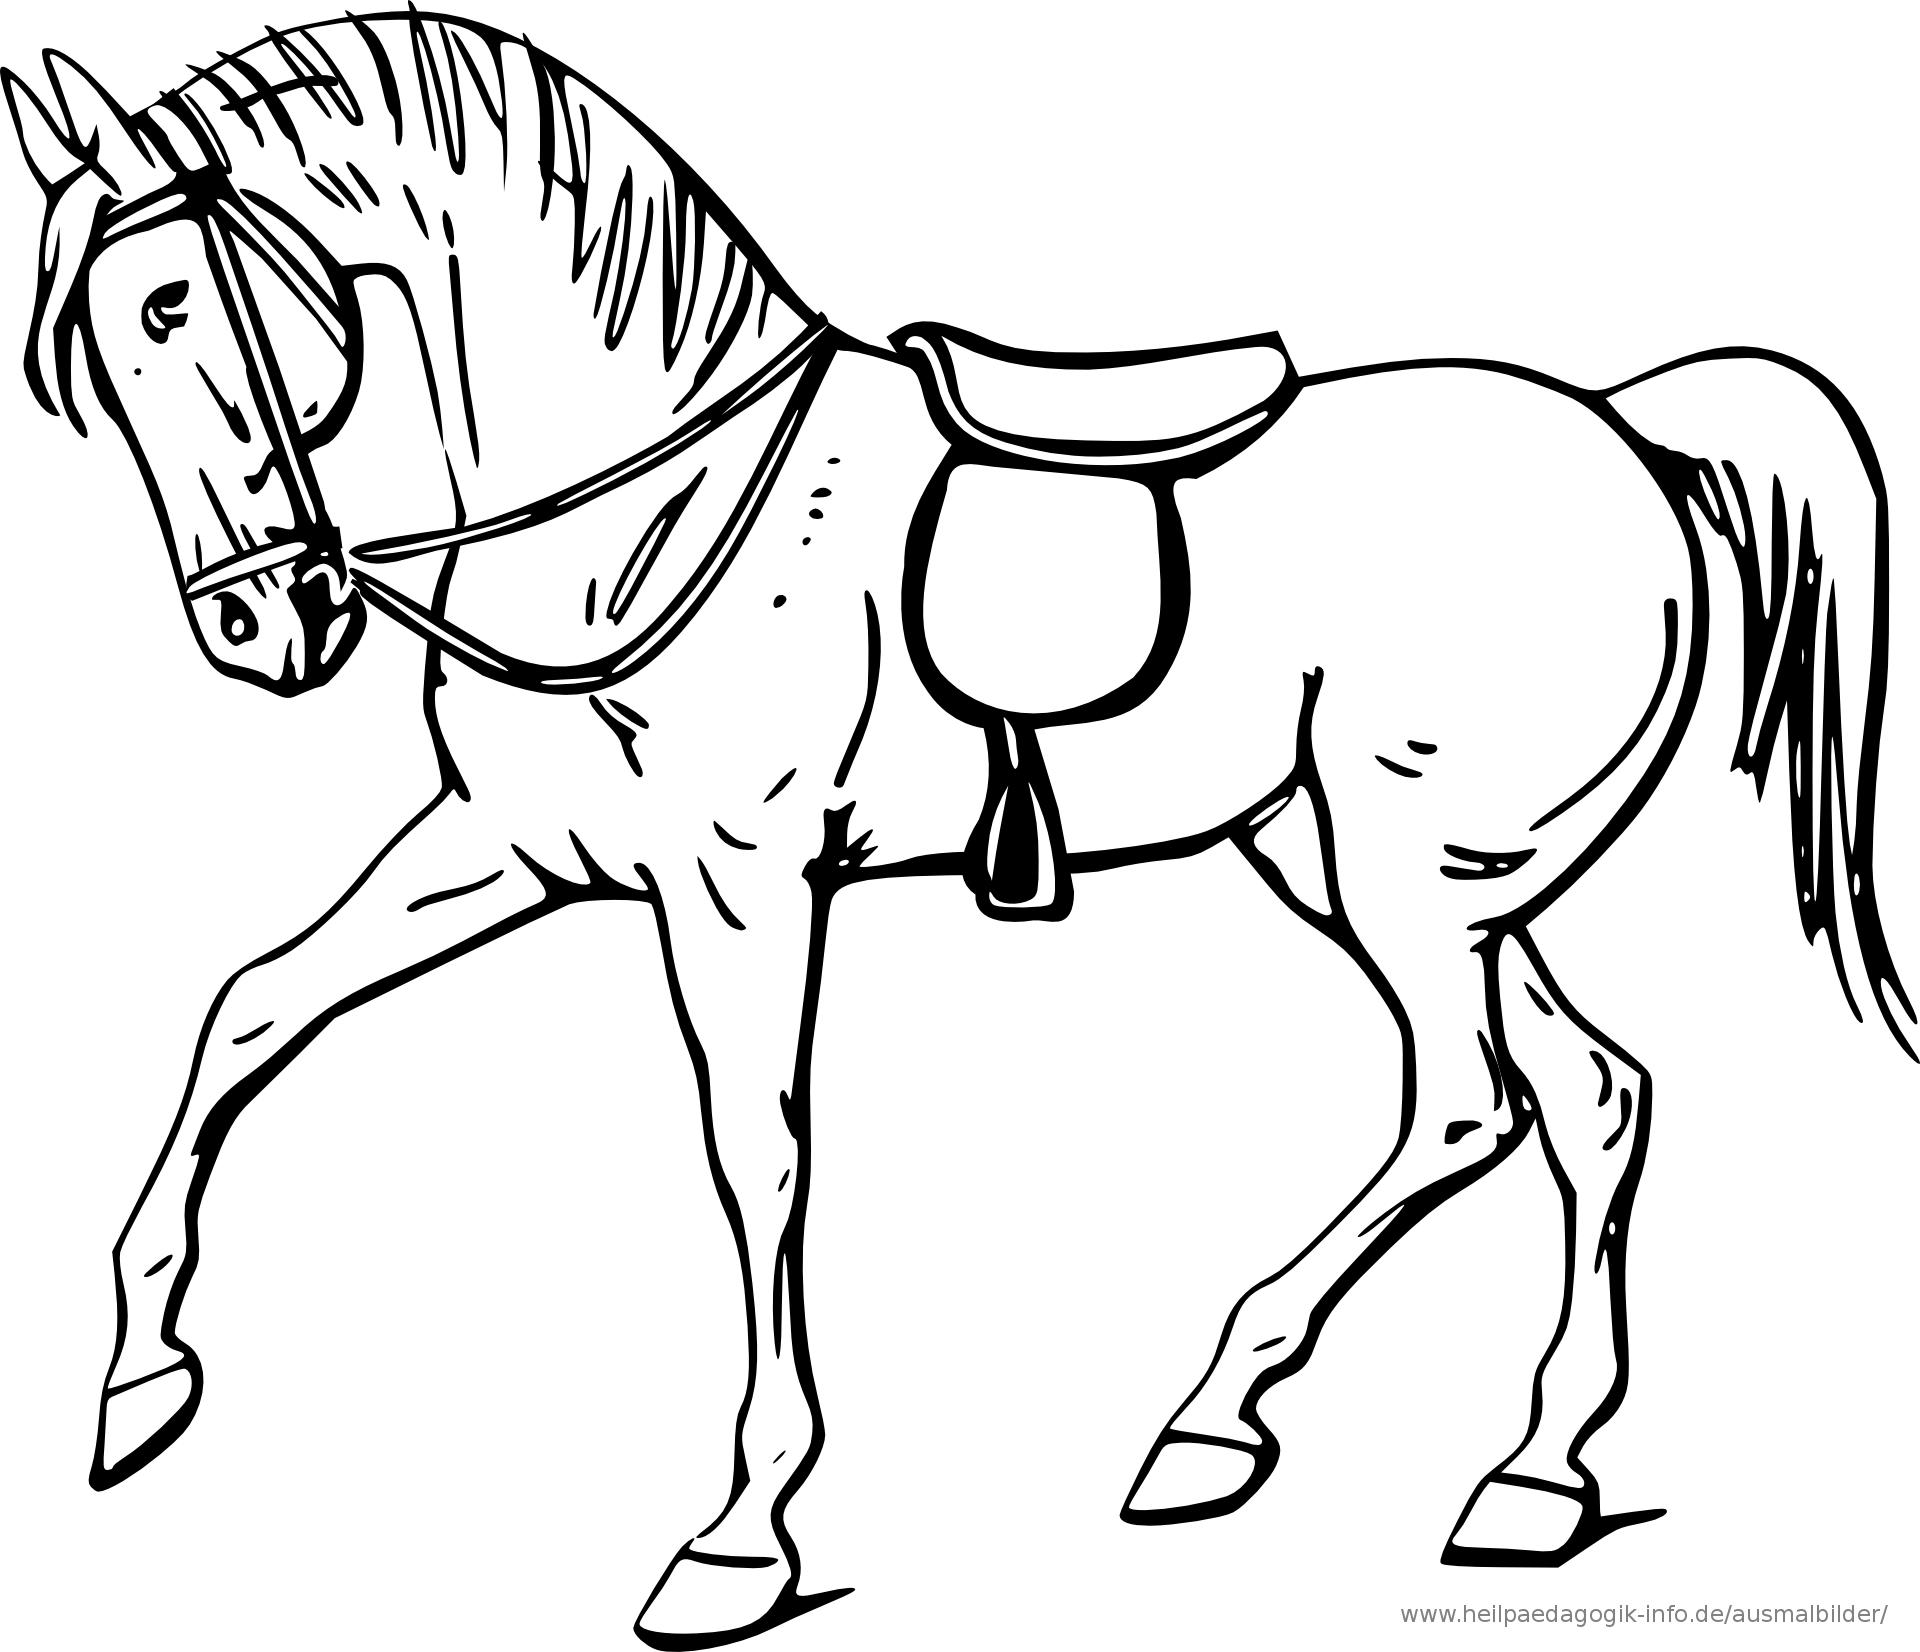 Malvorlagen Von Pferden